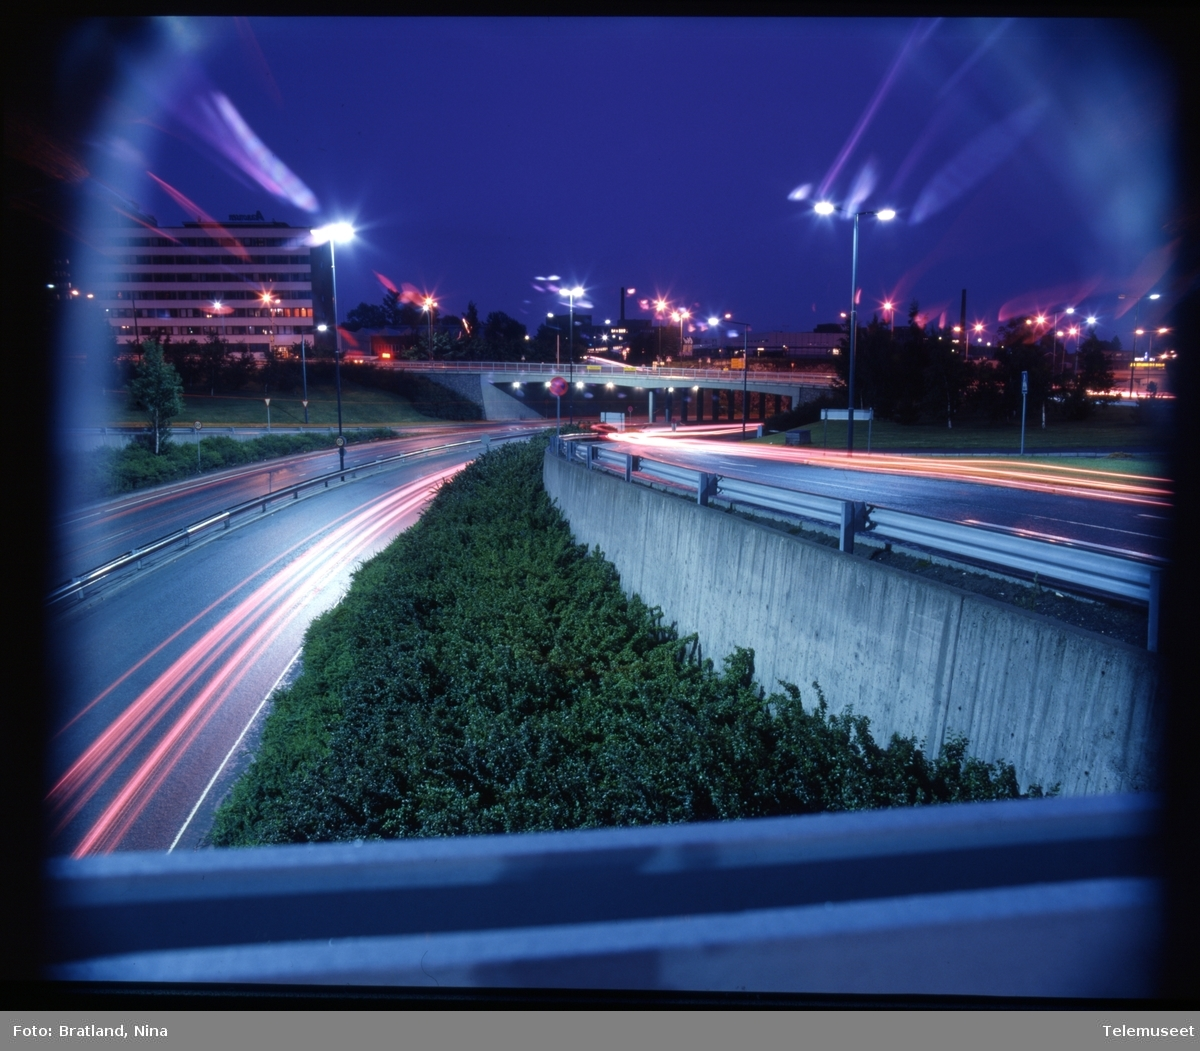 Trafikk og lys om natten reklamefoto Norsk Data